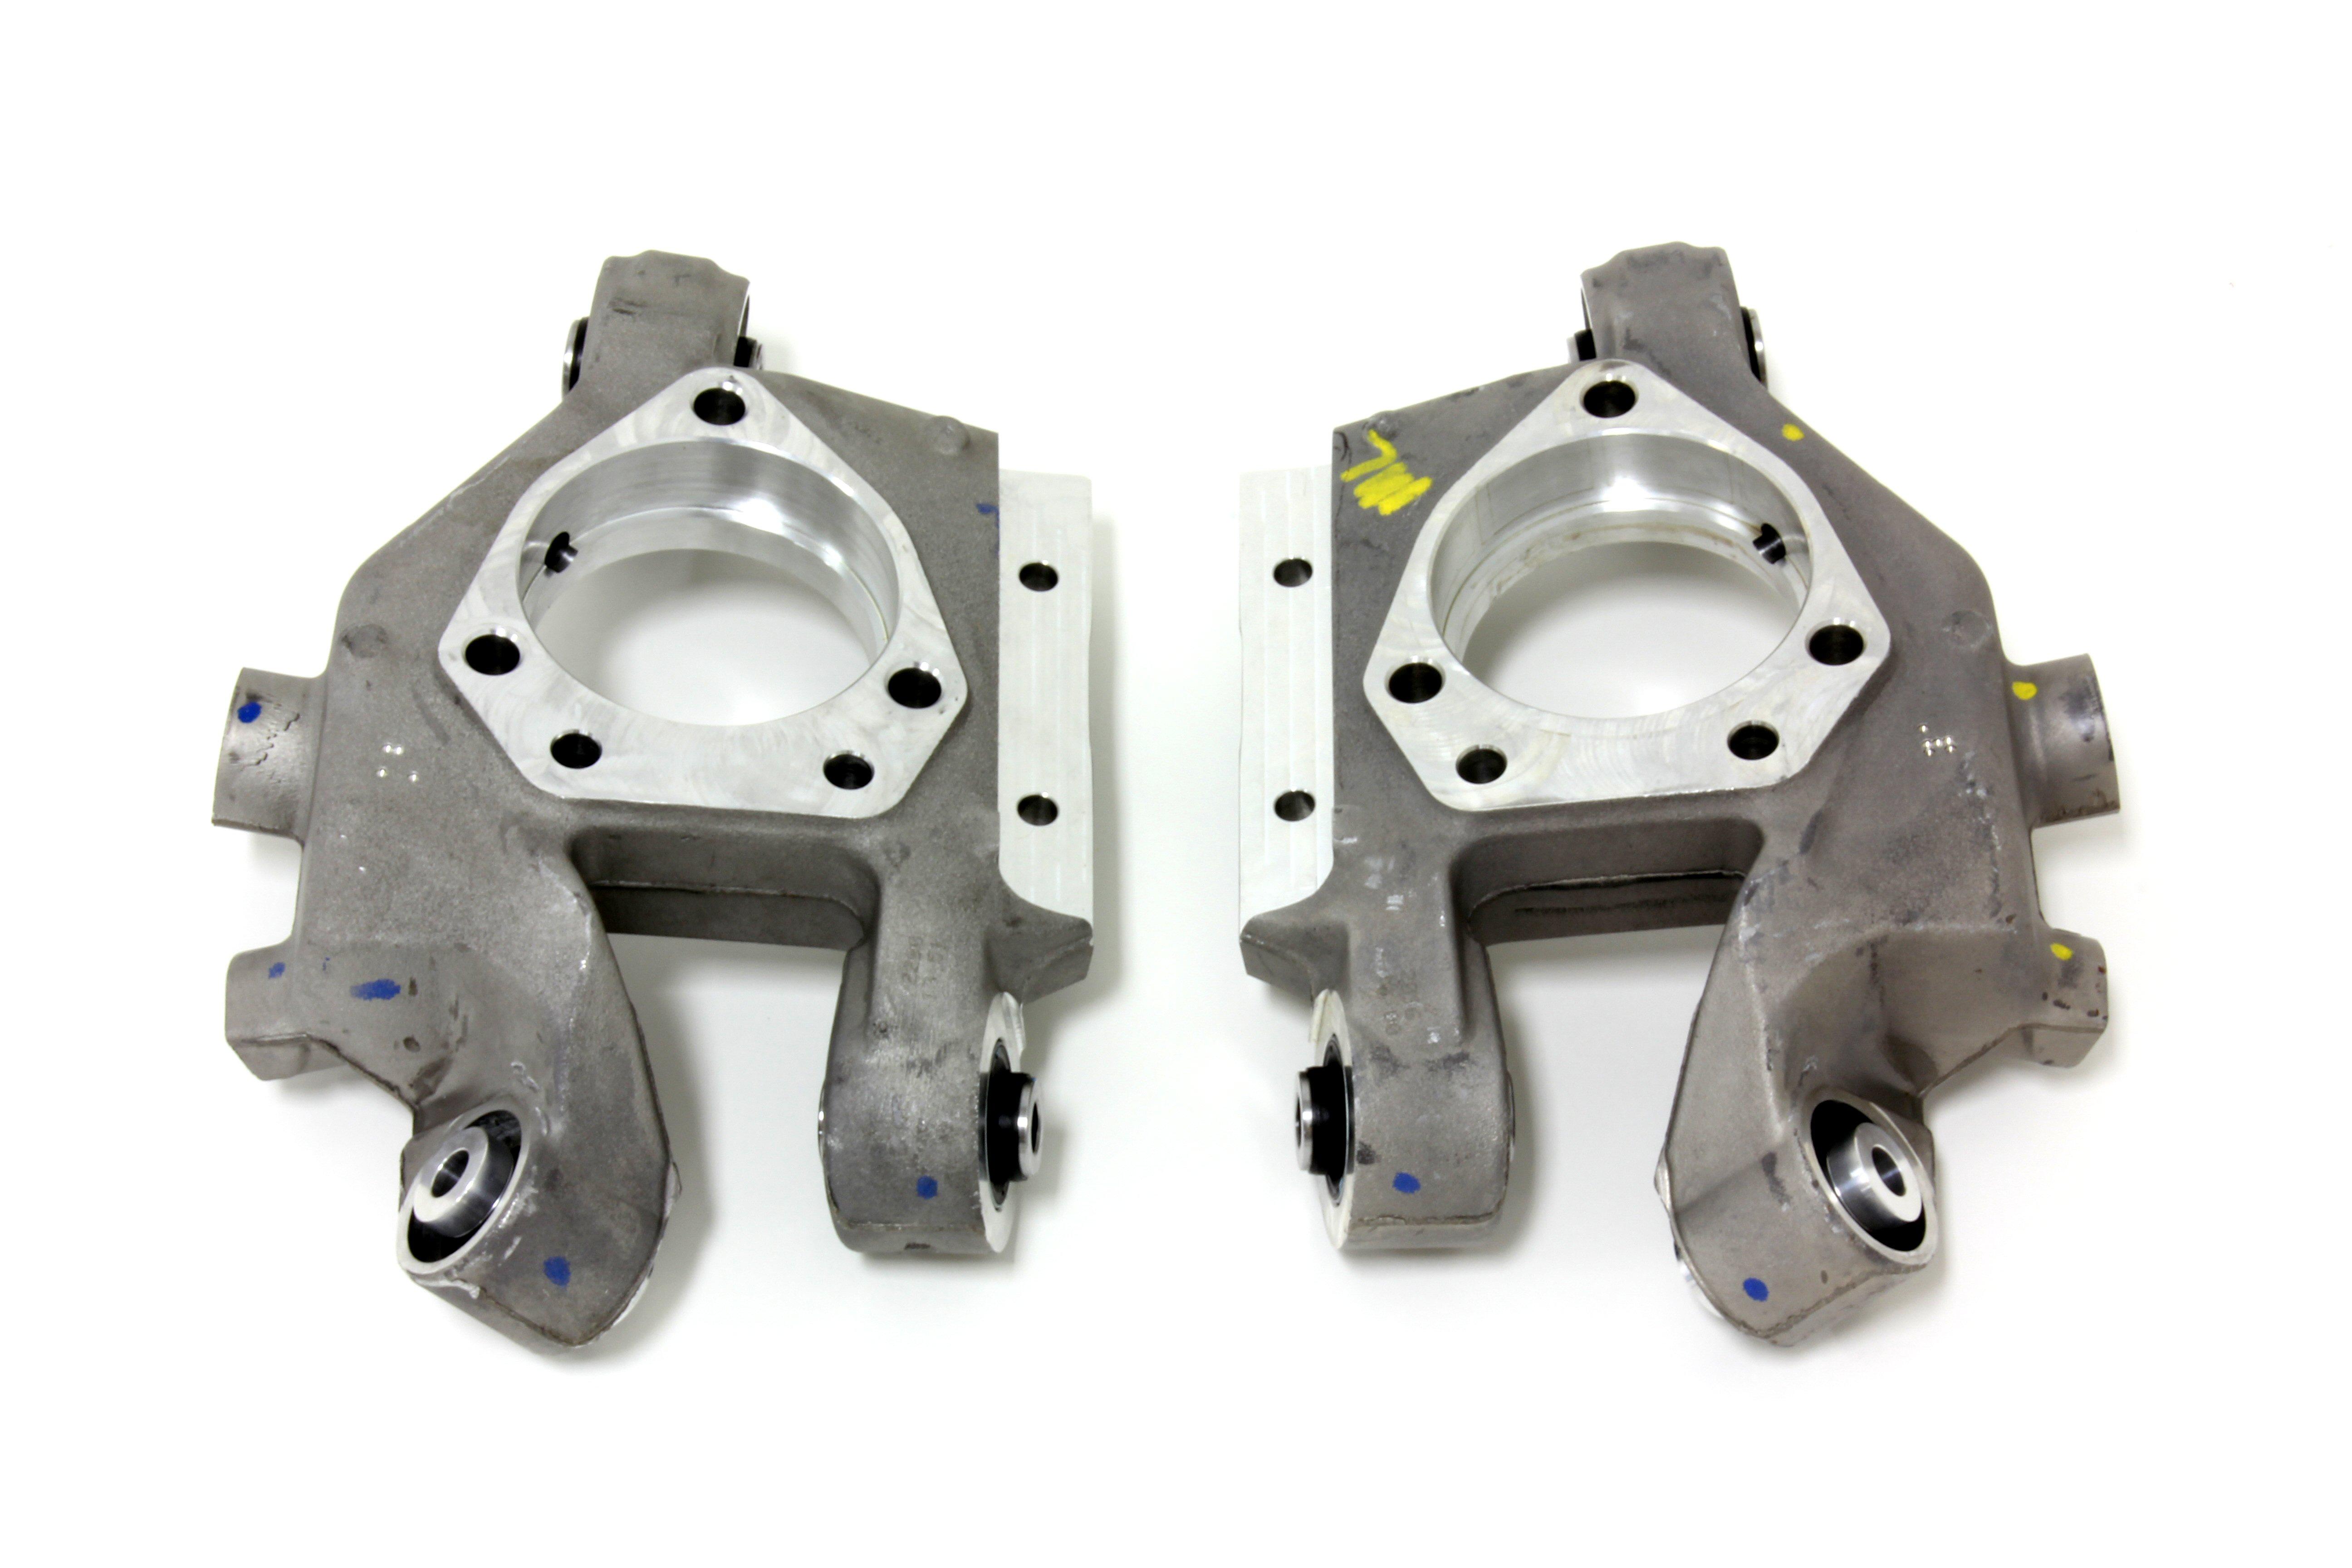 2010 Camaro Bmr Suspension Aluminum Spindles Ws6store Com